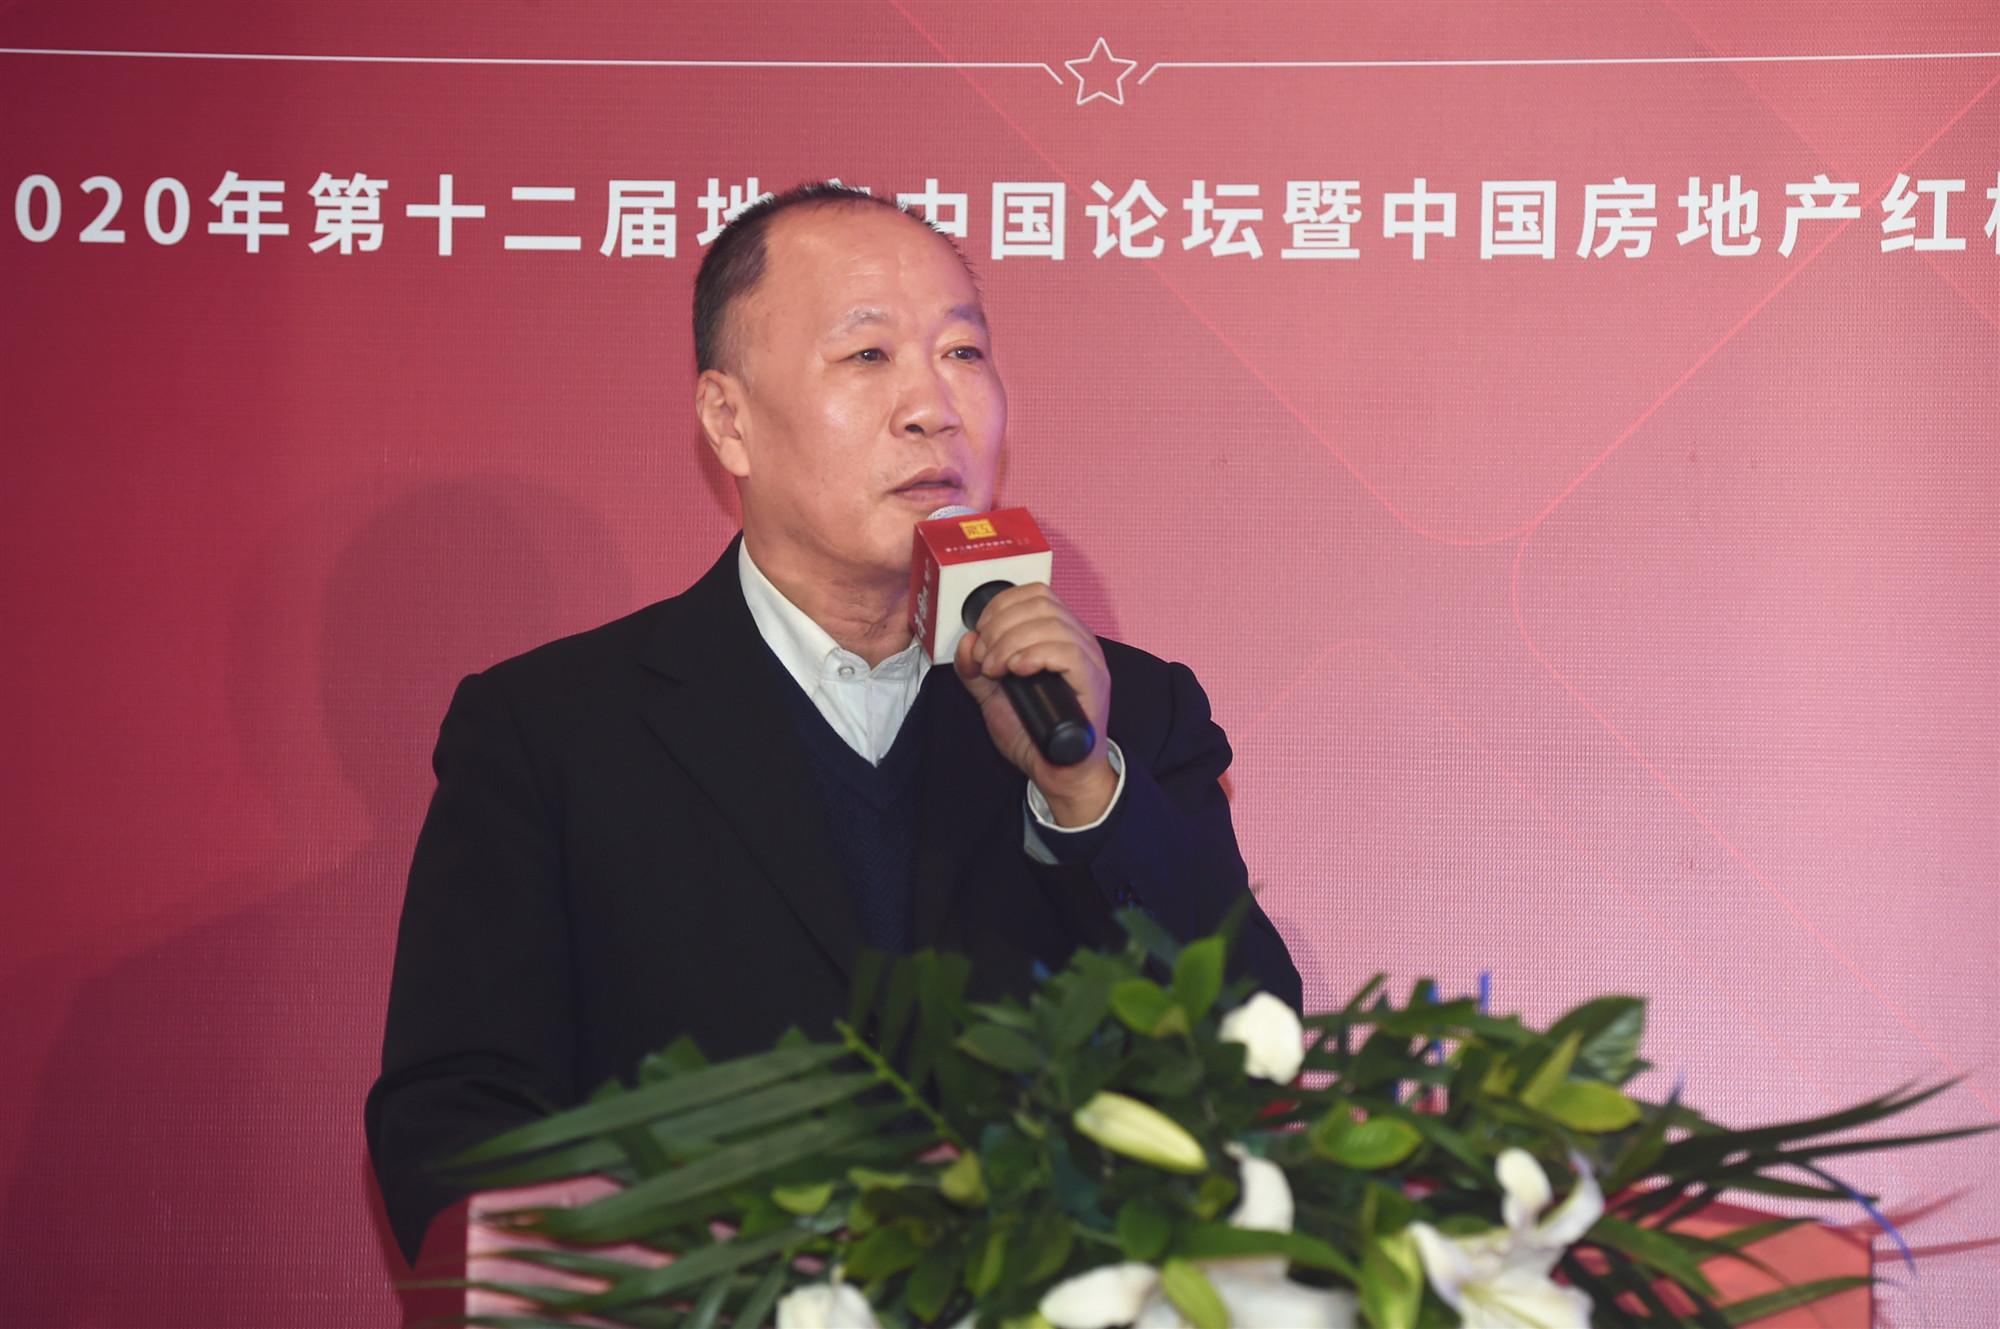 范剑平:今年财政政策要起到更大的结构性政策作用-中国网地产